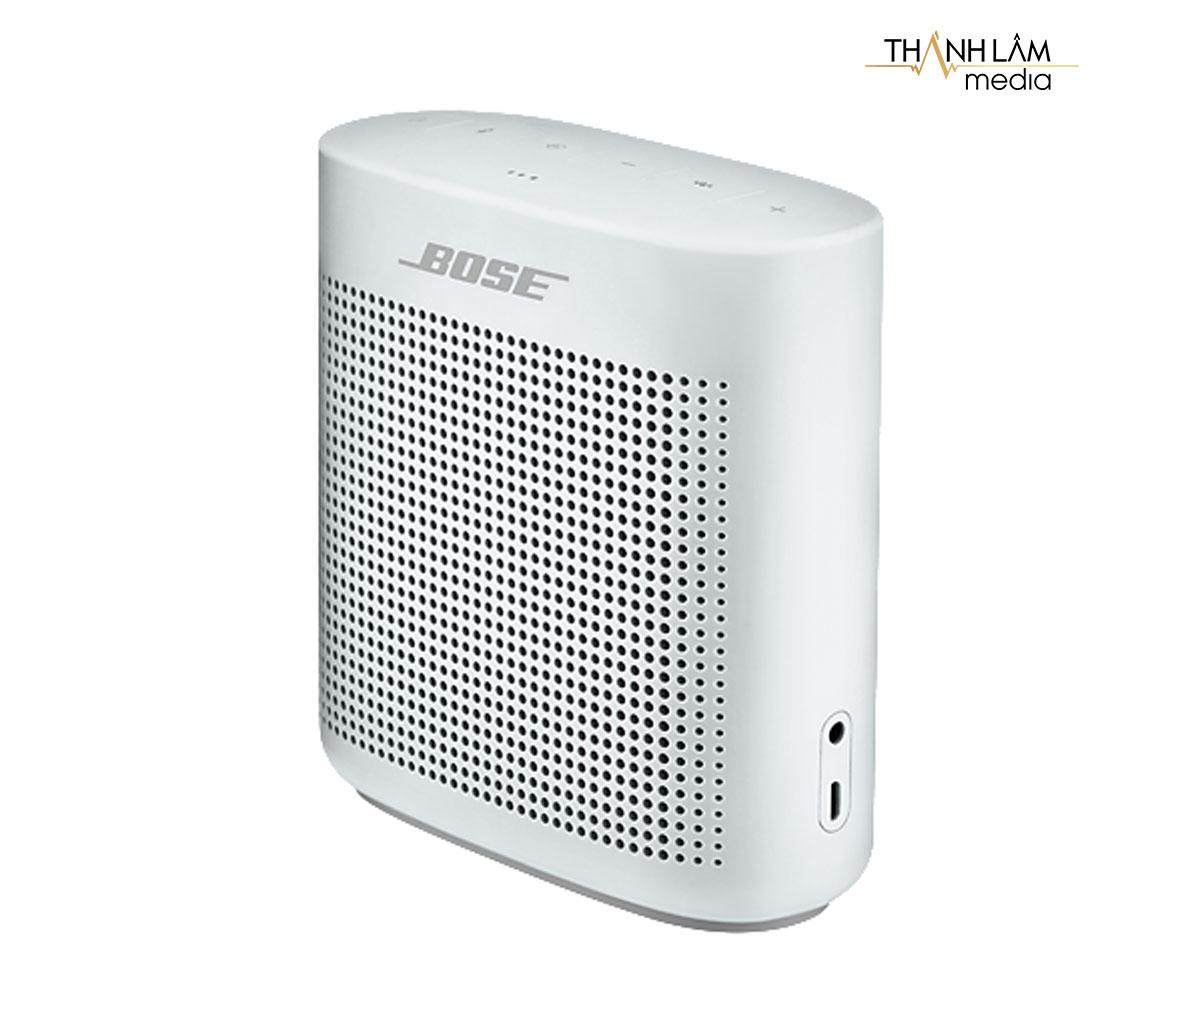 Loa-Bose-SoundLink-Color-2-Trang-3